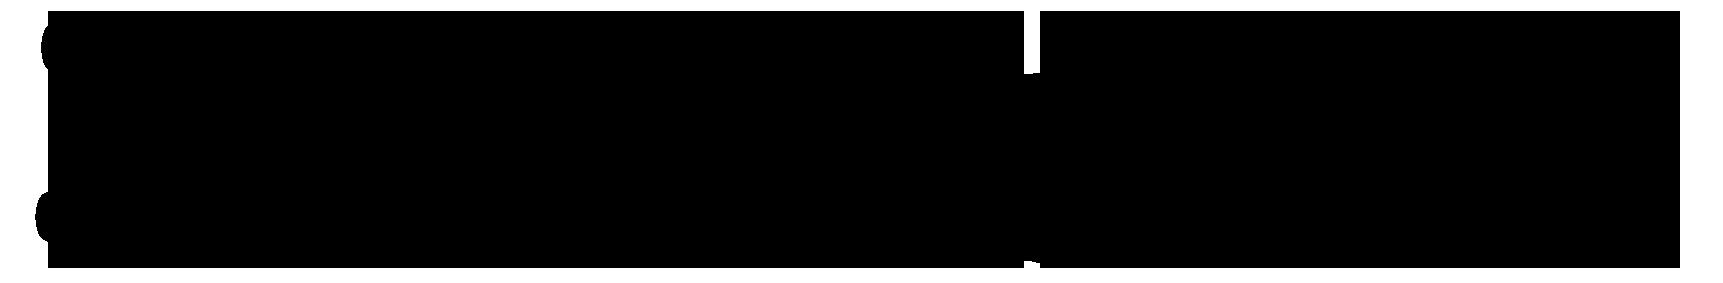 Ilmastometsä Ry